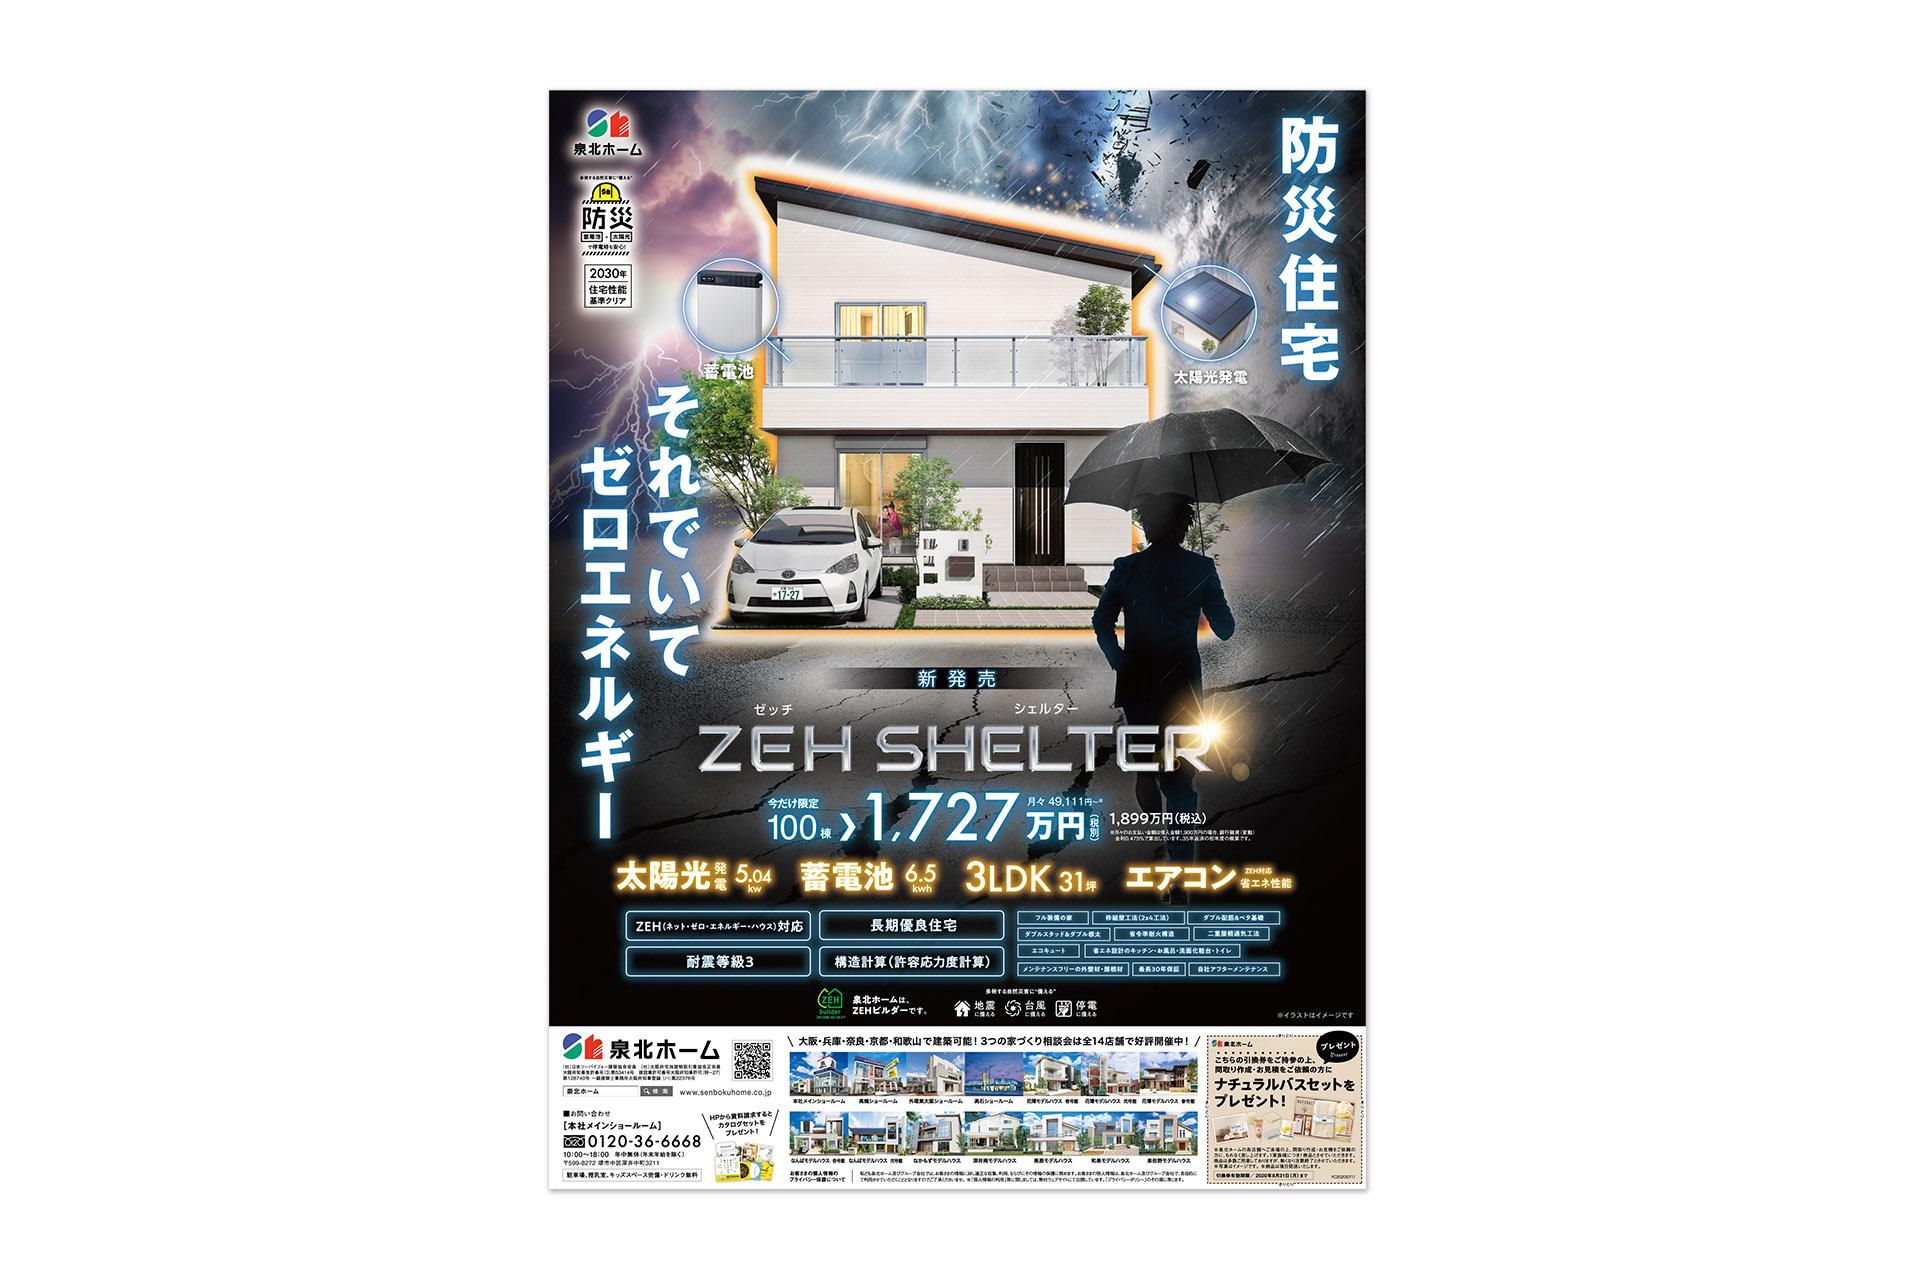 yomiuri_F15_4C_ZEH_20200711